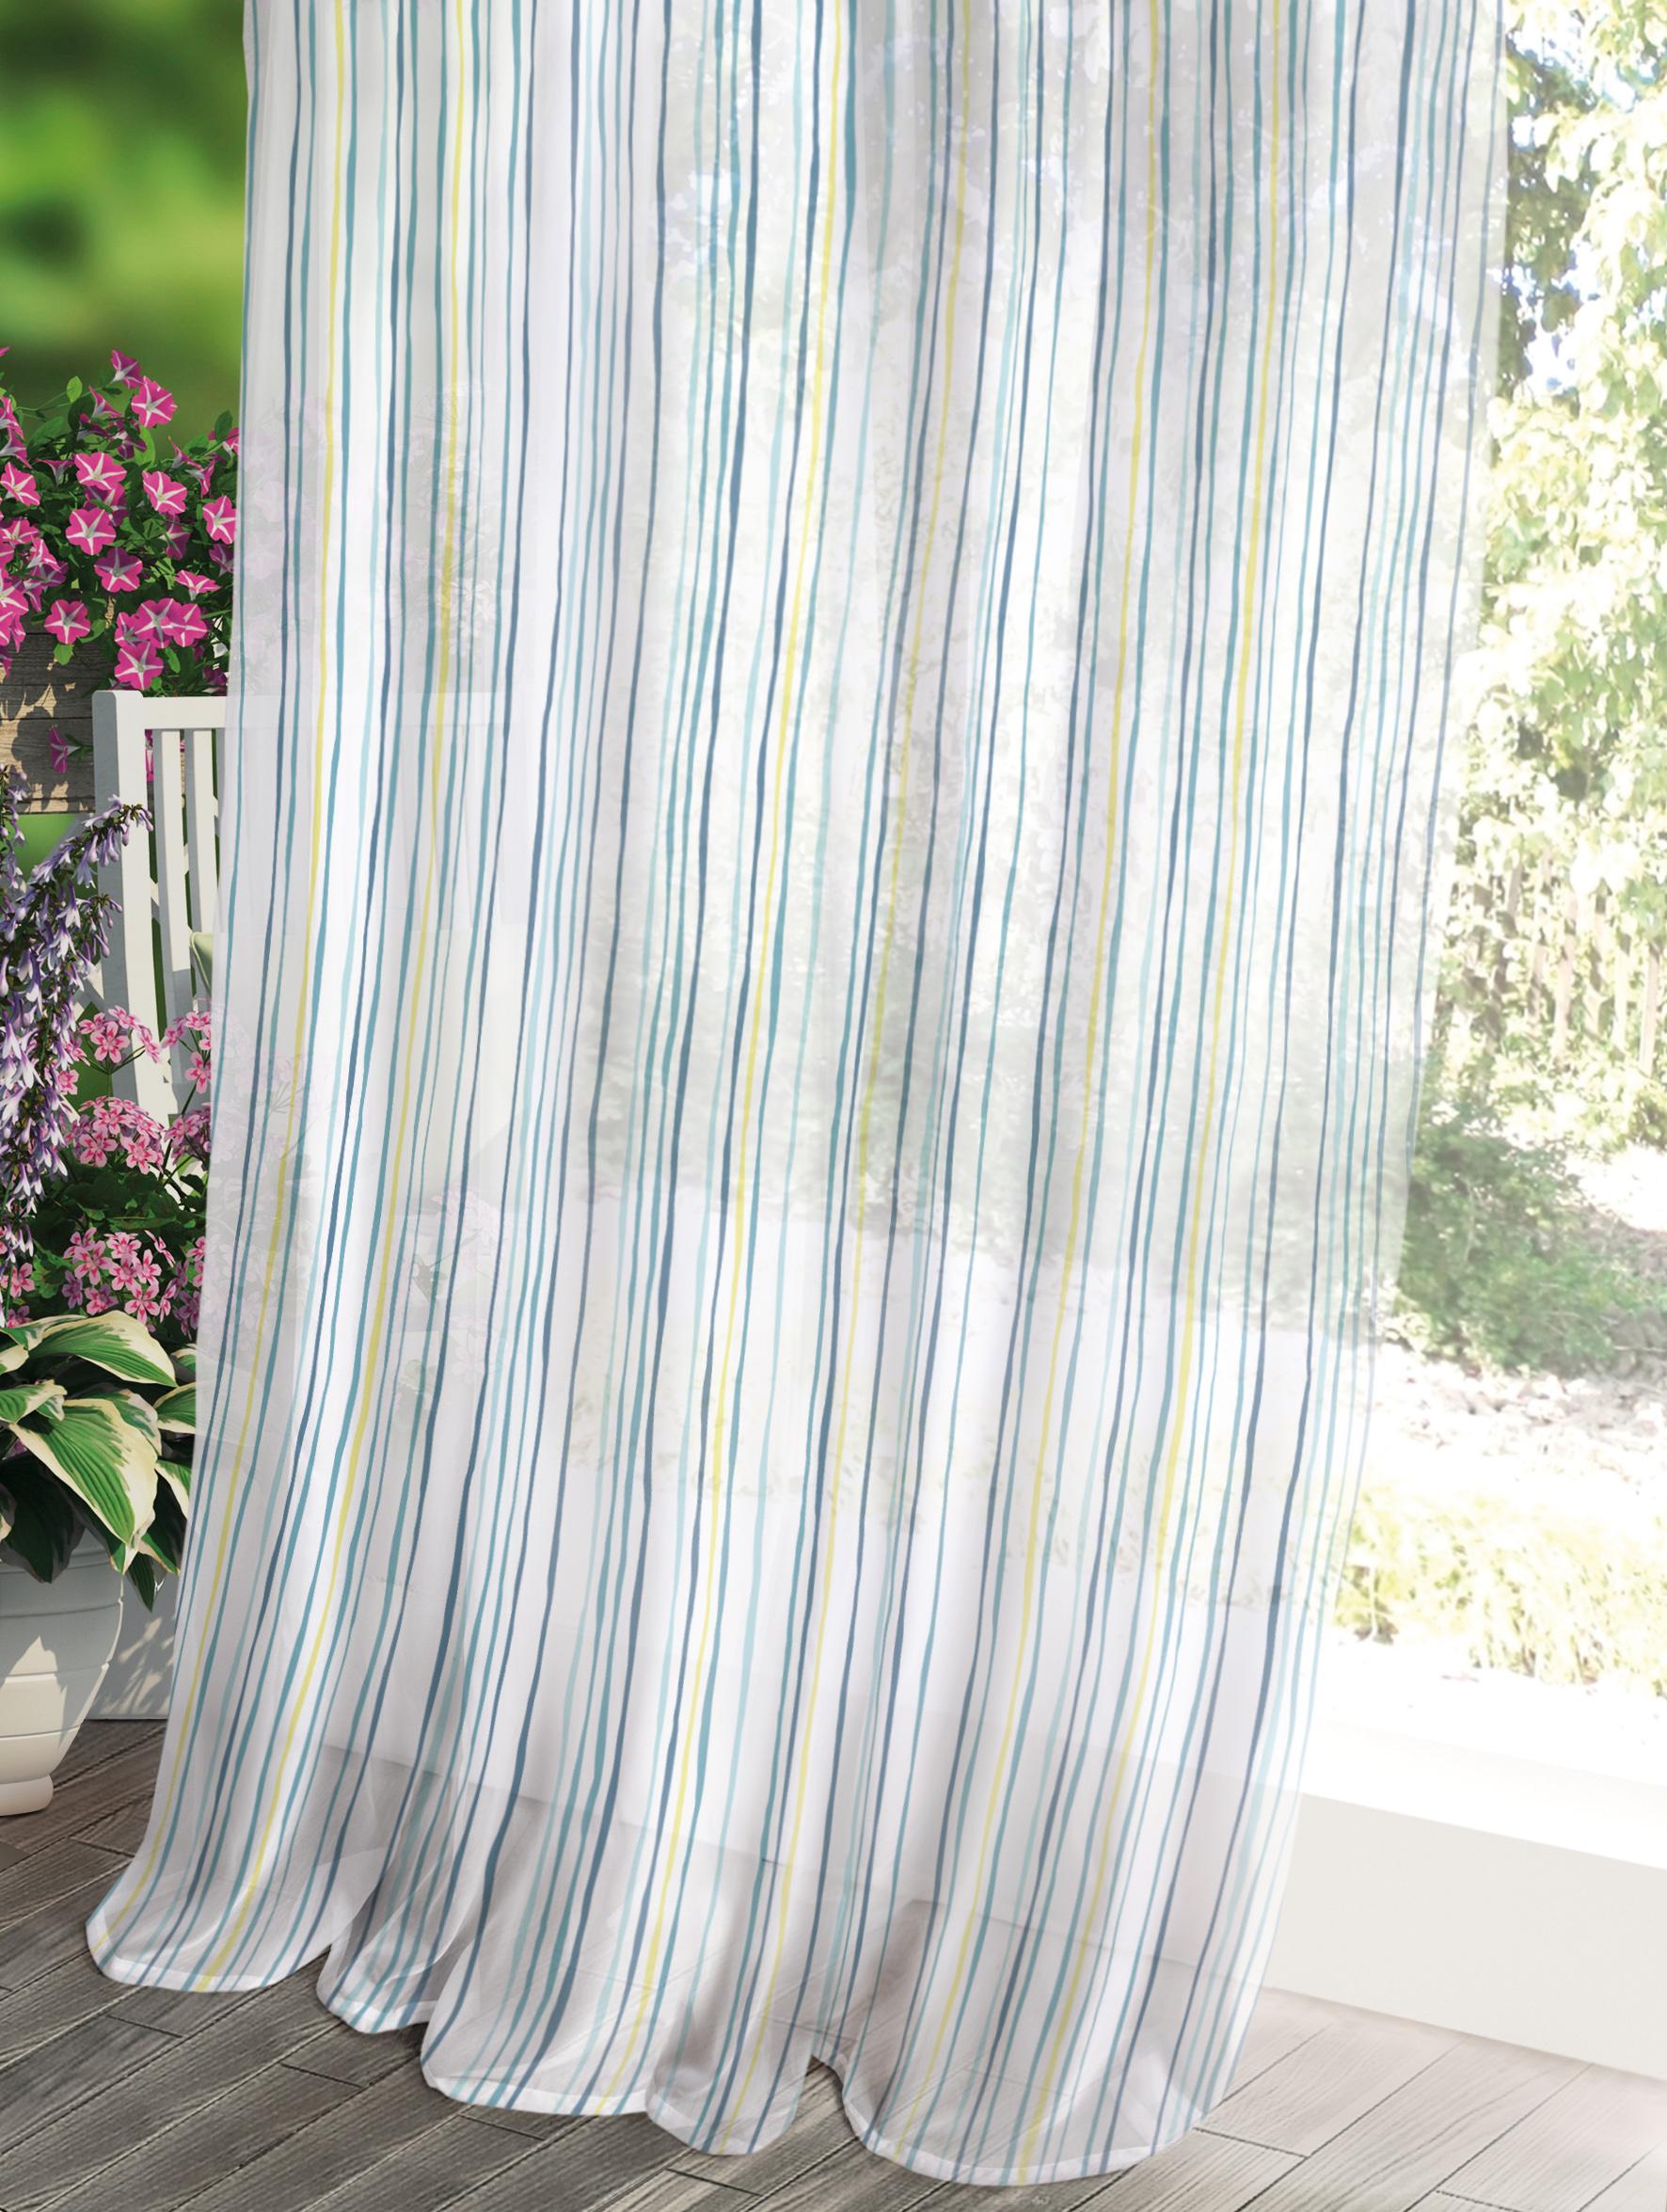 Штора Волшебная ночь Прованс, цвет: белый, 150 x 270 см штора волшебная ночь прованс цвет светло серый 150 x 270 см